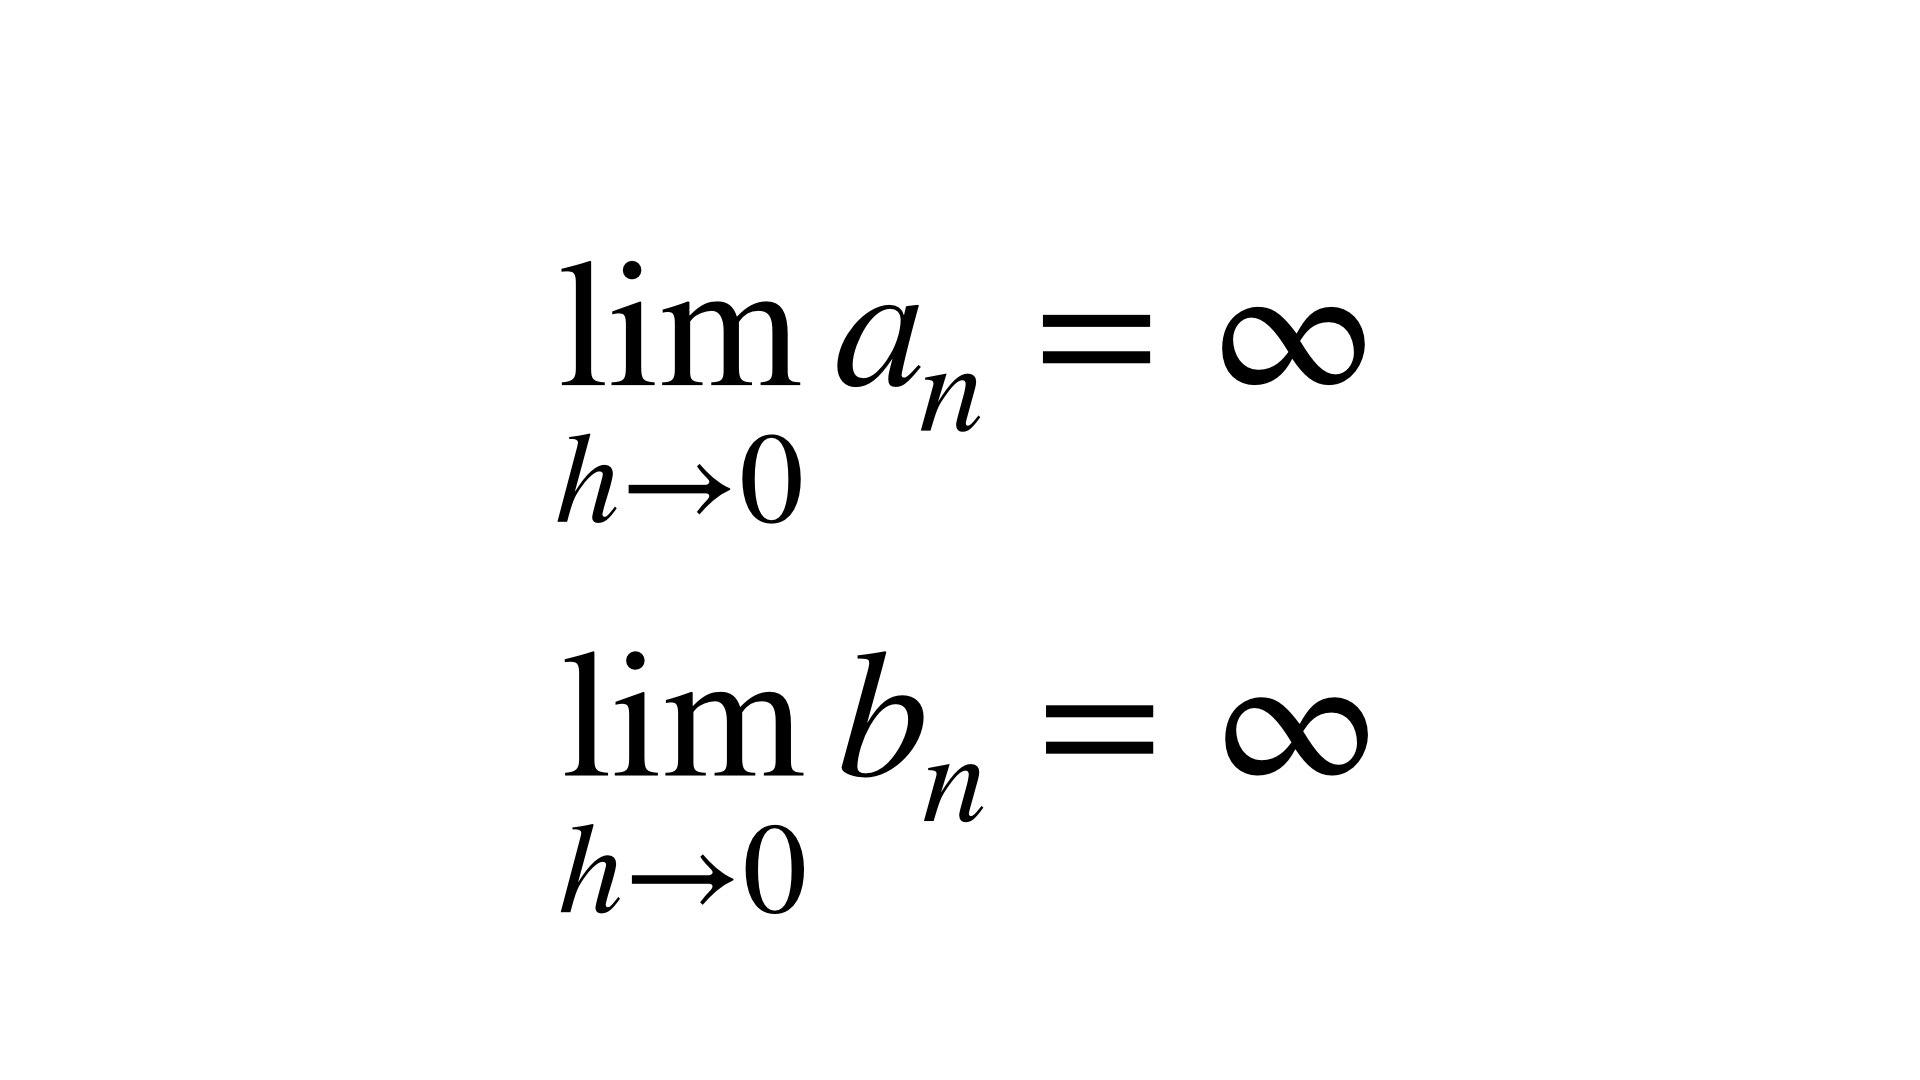 無限大の性質を表わした数式